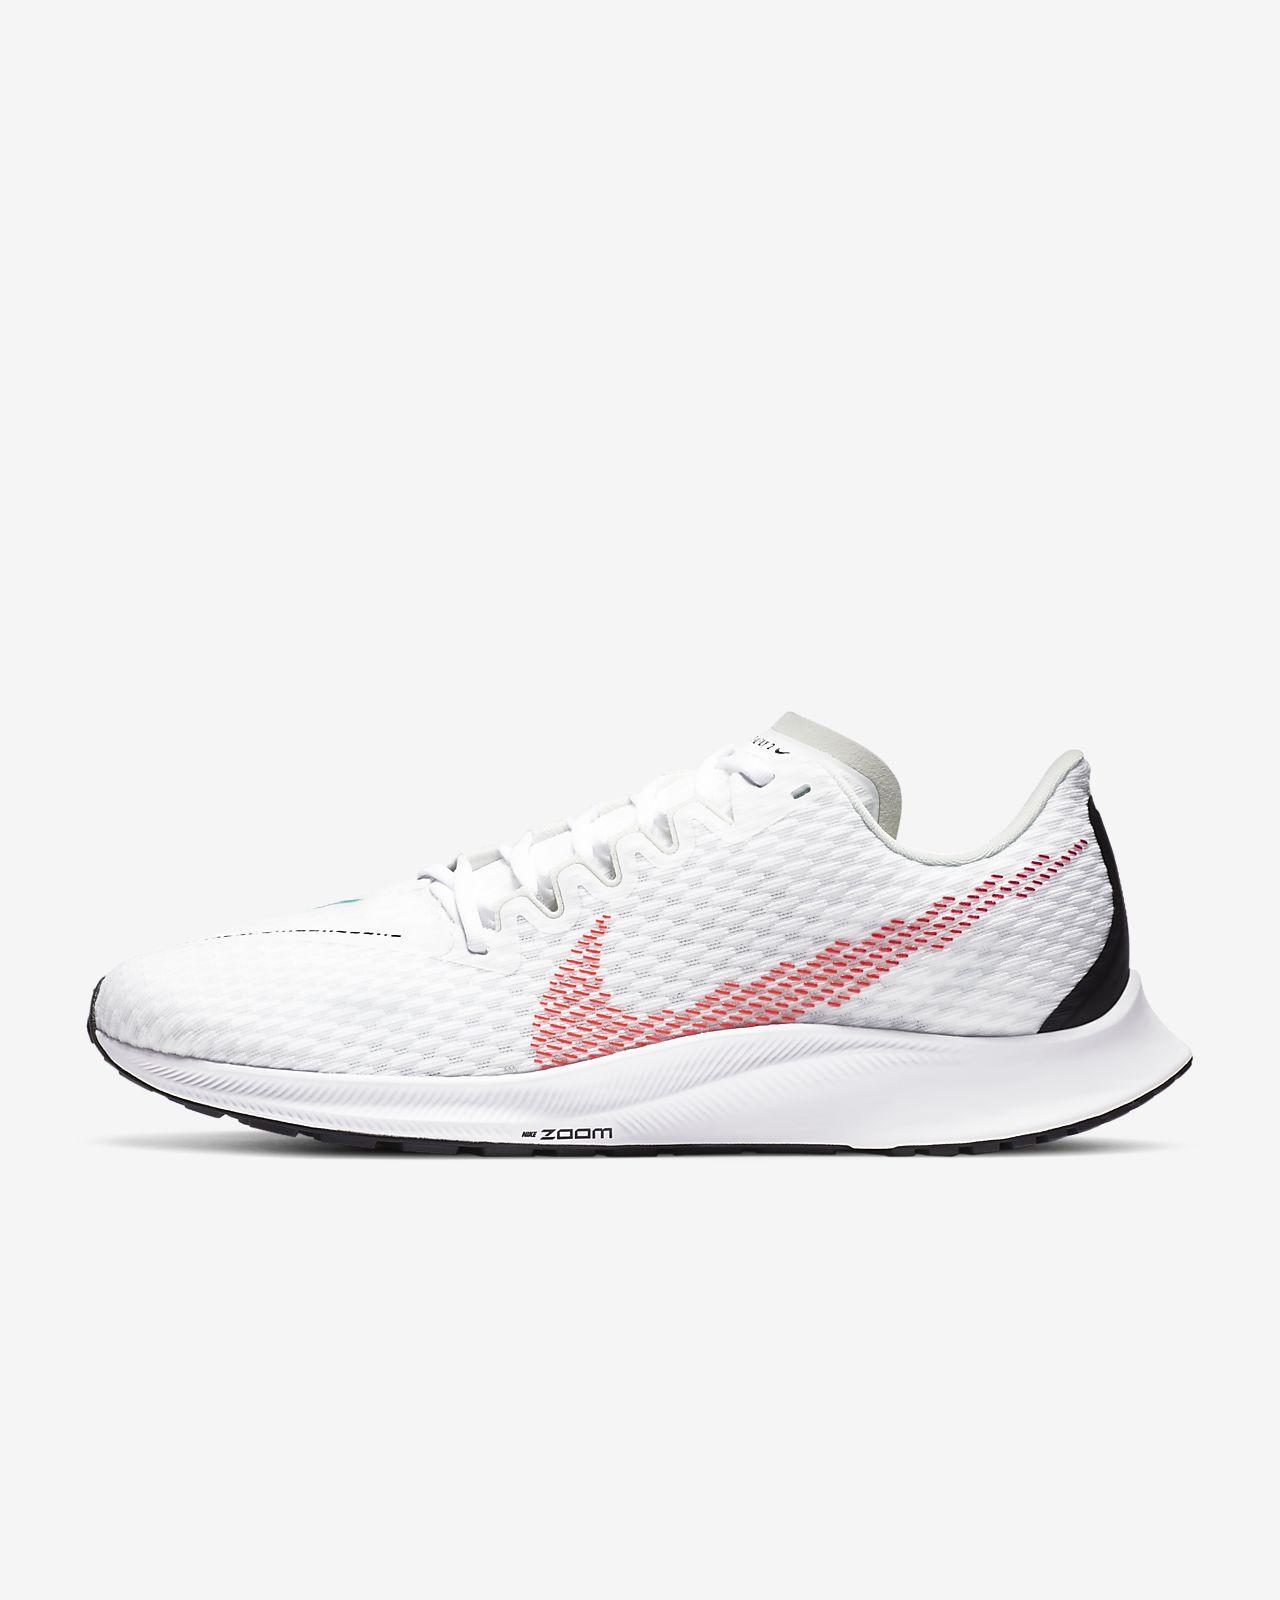 Nike Zoom Rival Fly 2 男款跑鞋